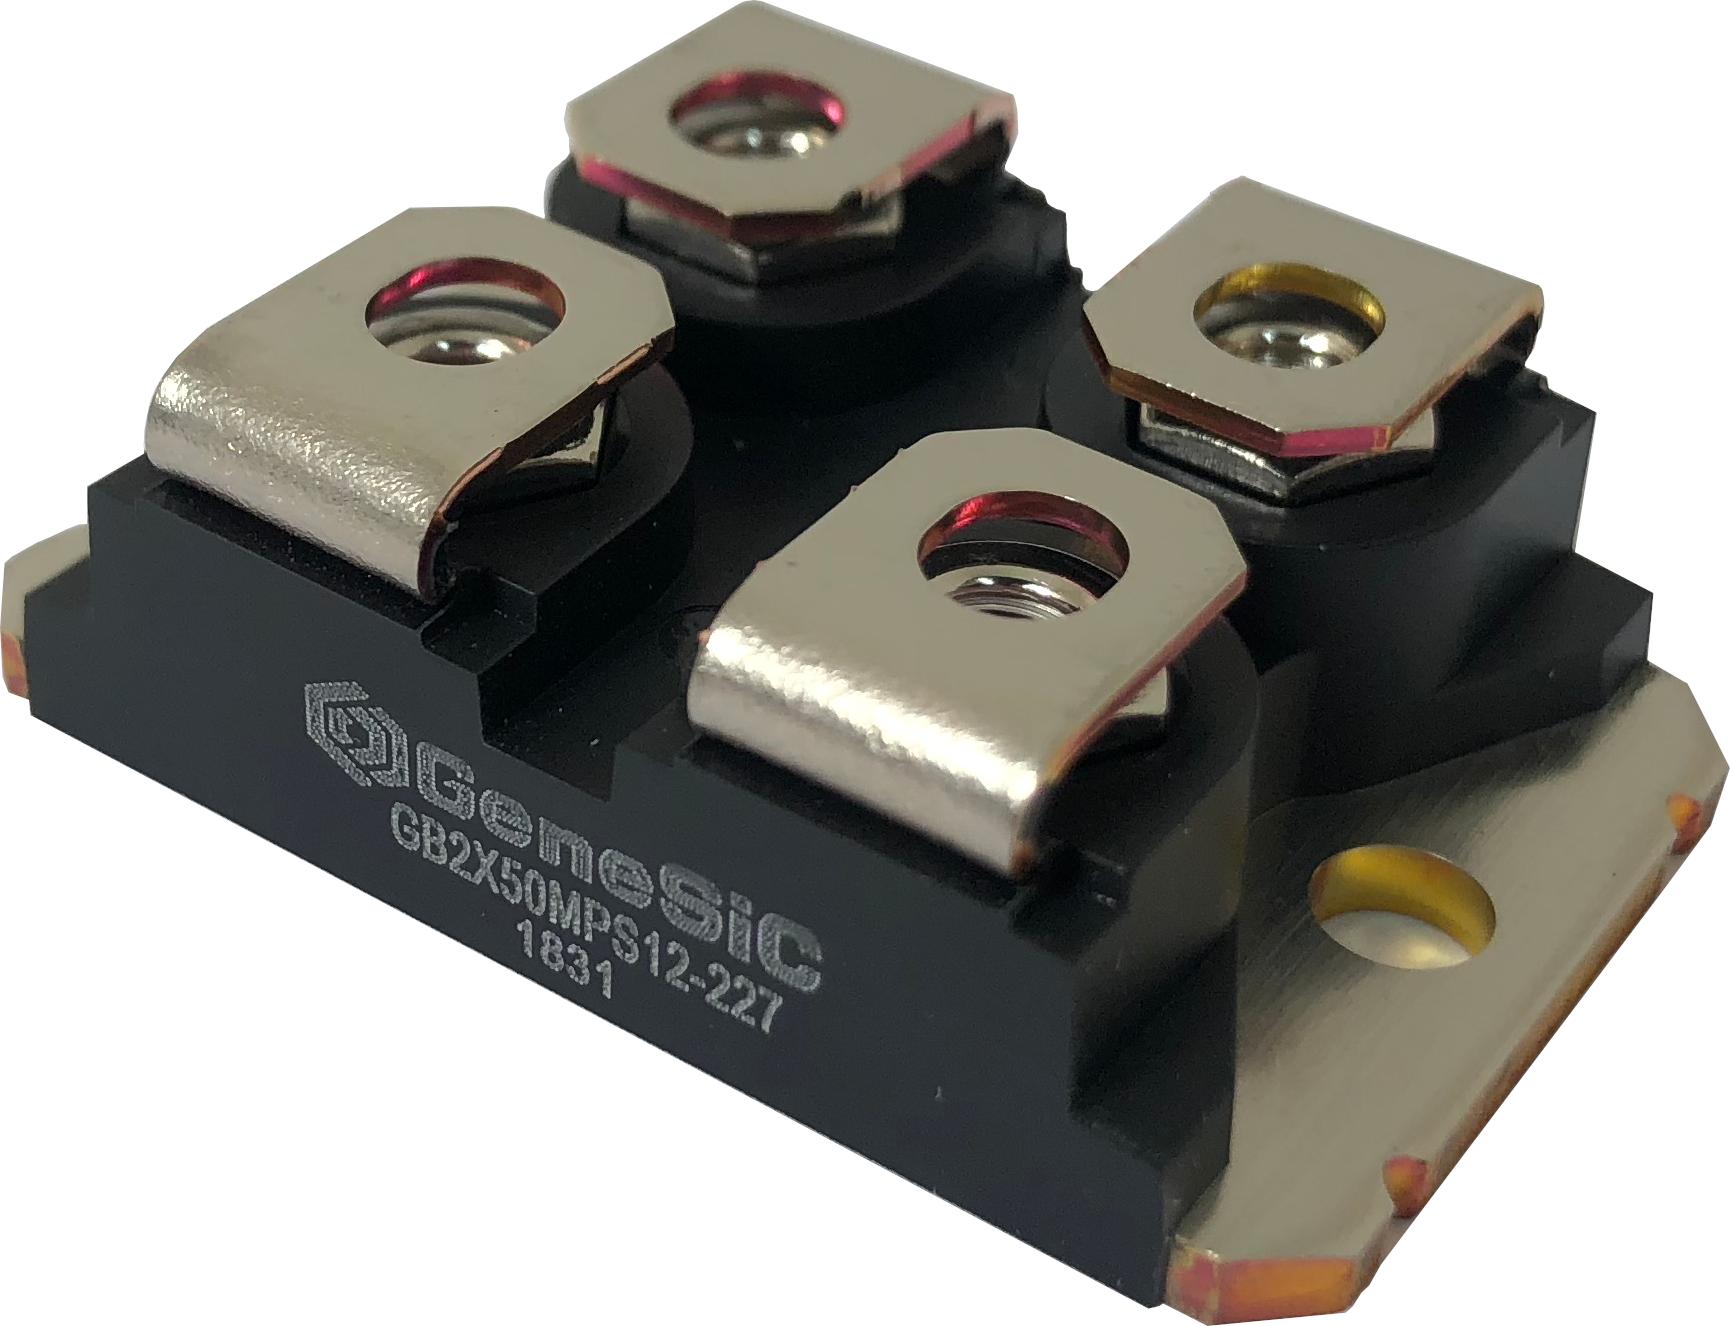 GB2X50MPS12-227